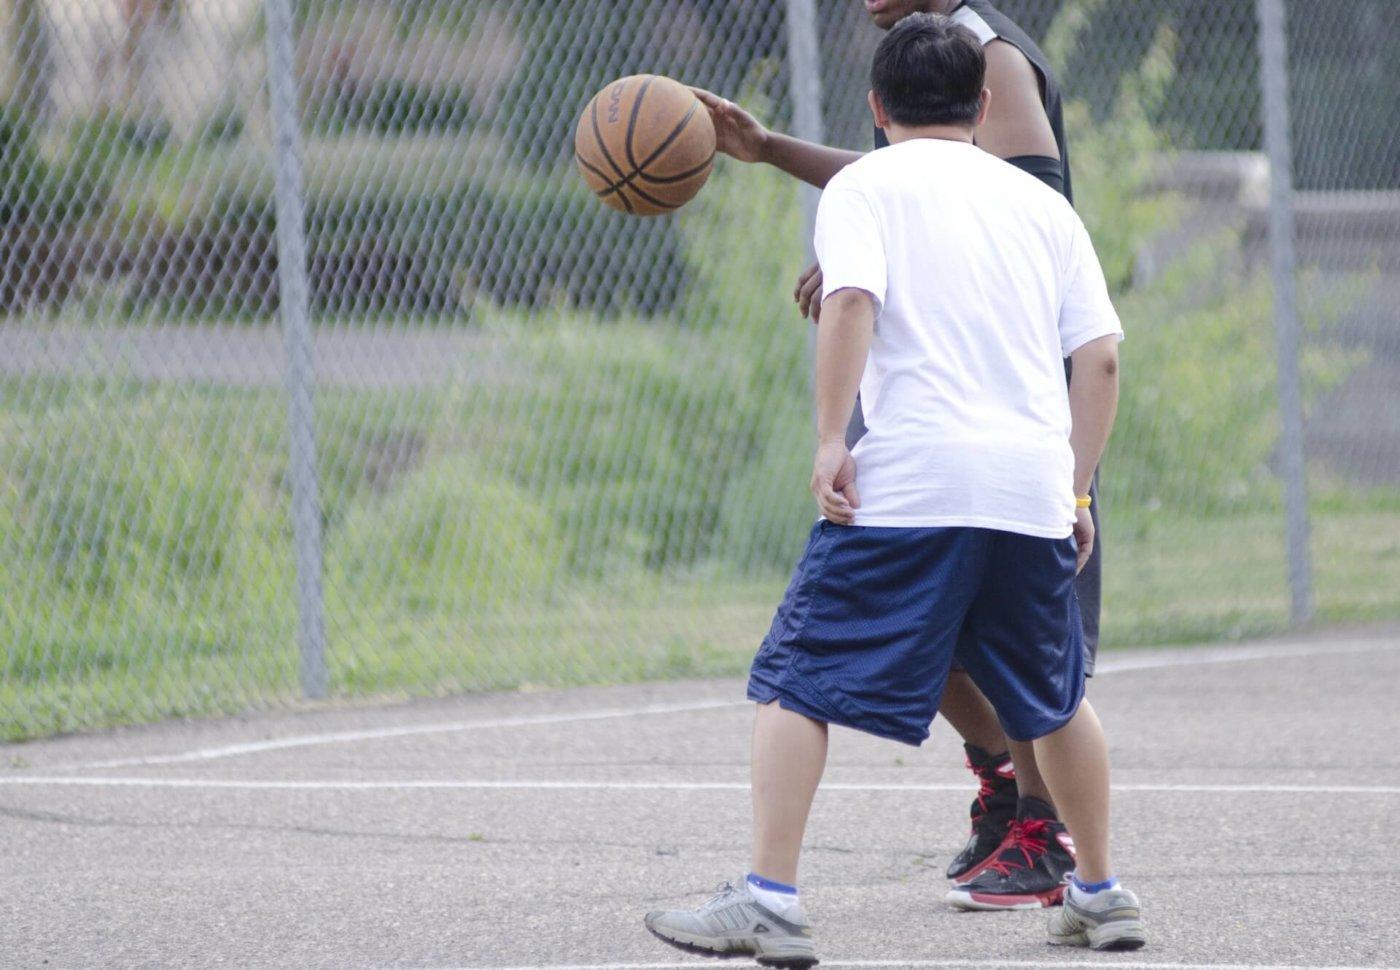 バスケ上達への道!効率的な練習方法を考えよう